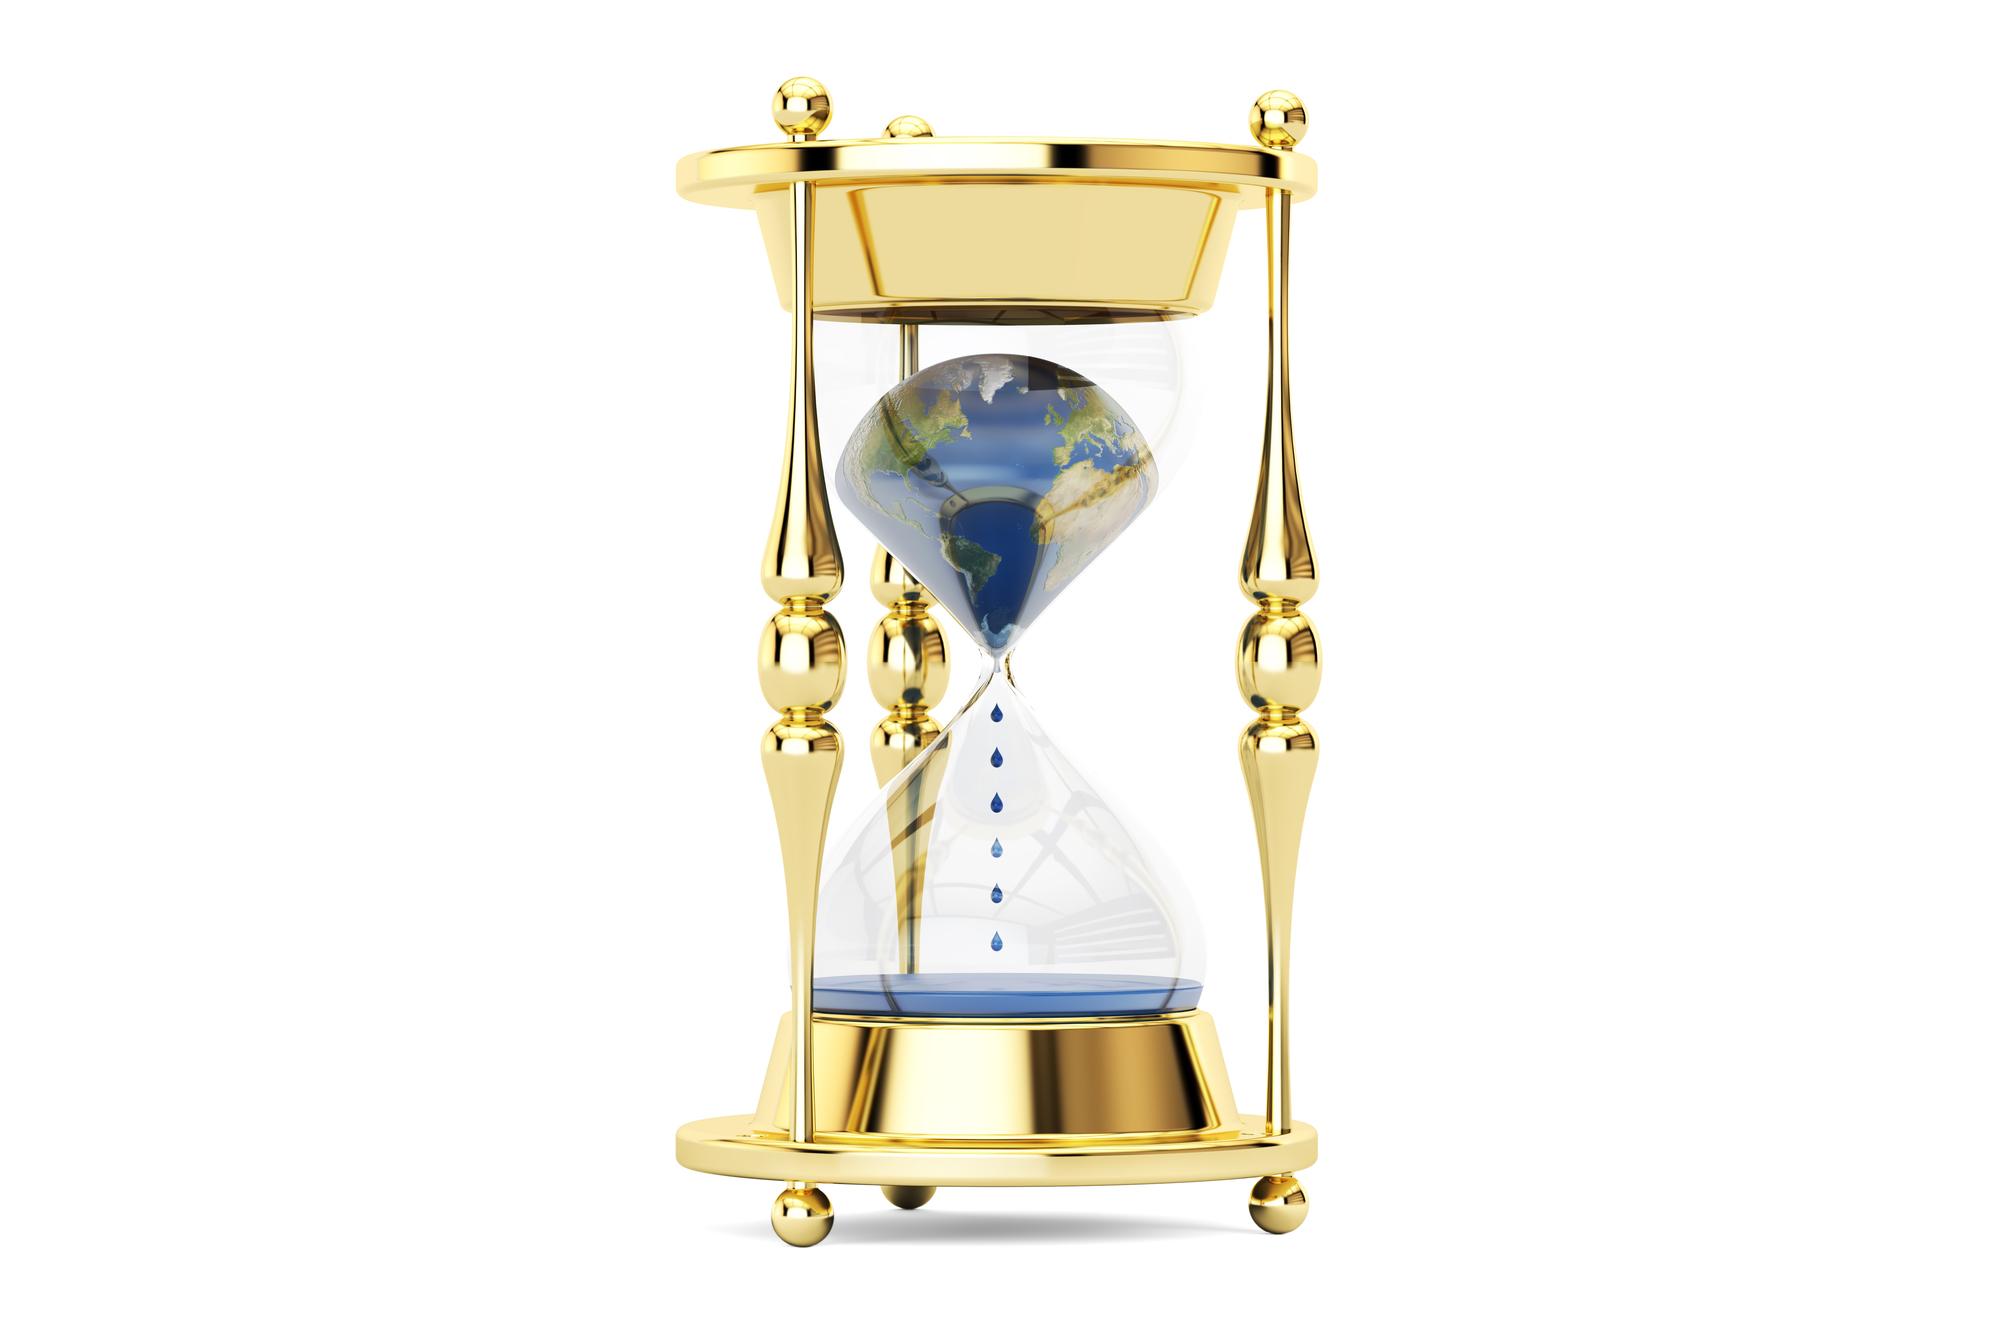 砂時計が落ち始めた!!人類のカウントダウンが始まった・・。